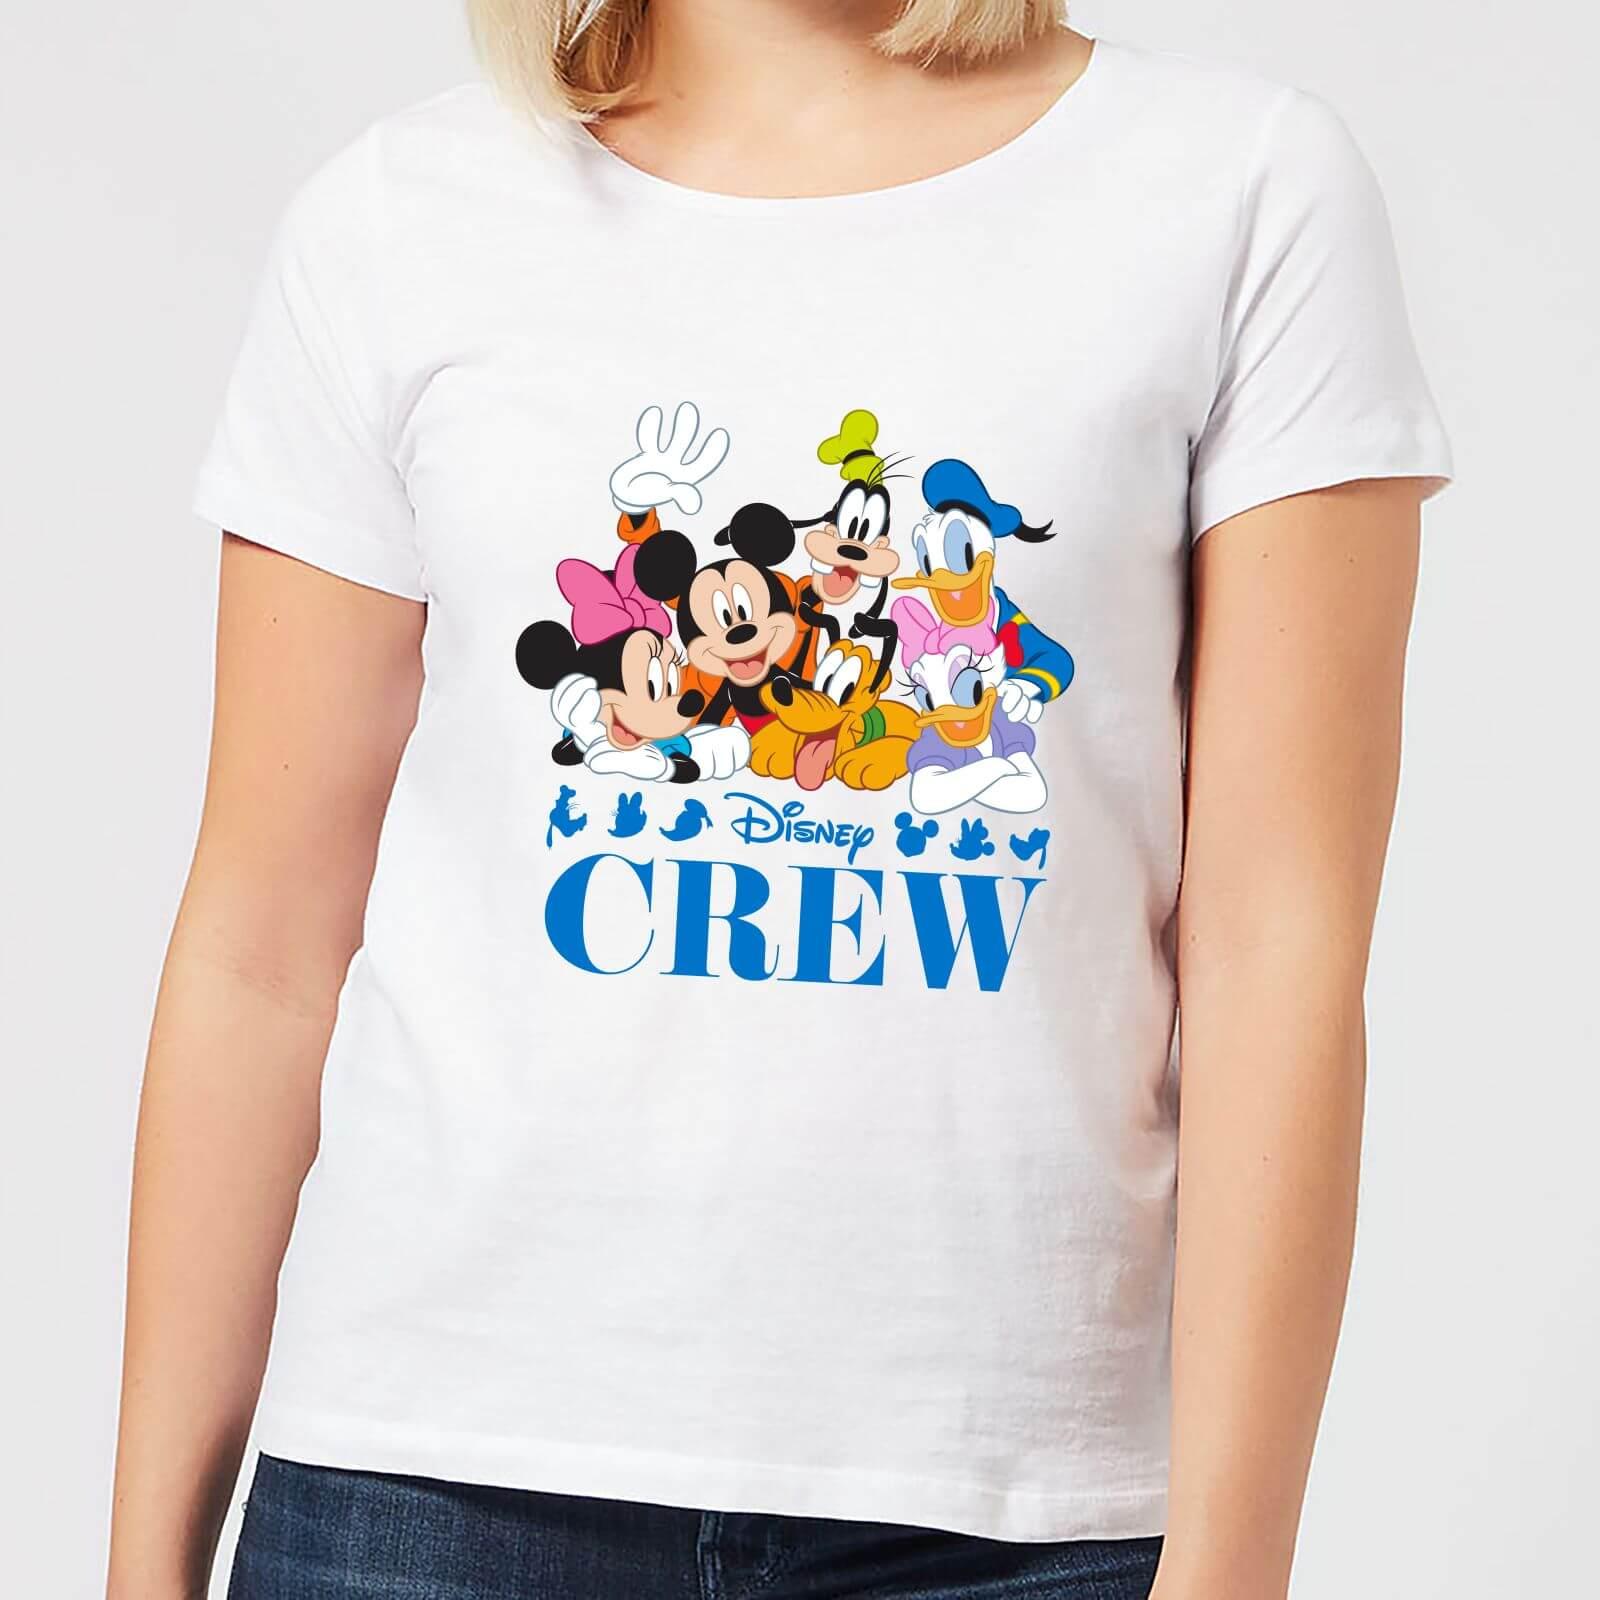 Disney Disney Crew Women's T-Shirt - White - 4XL - White